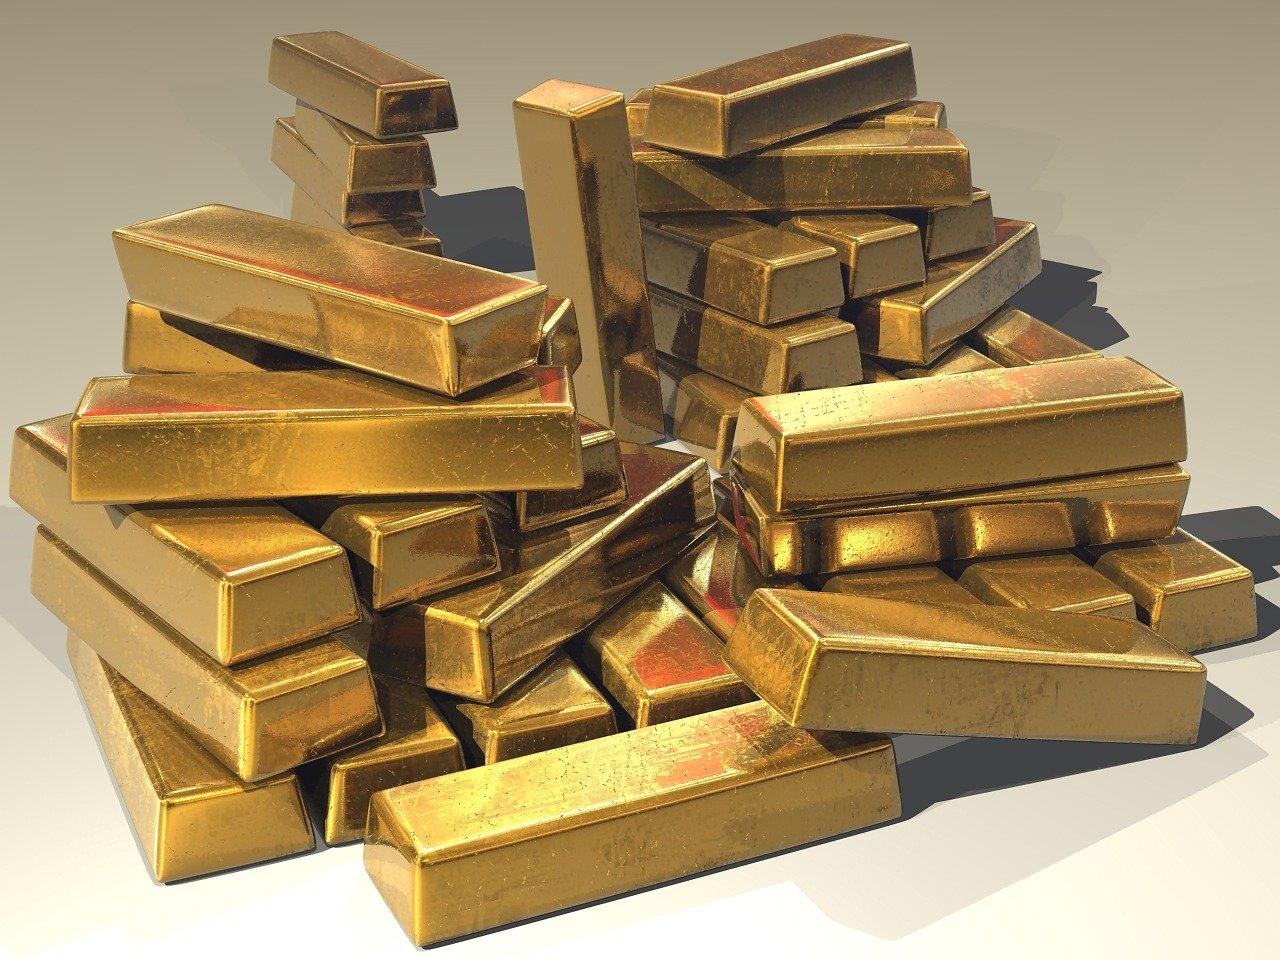 Hoe wordt de waarde van jouw goudbaar bepaald?